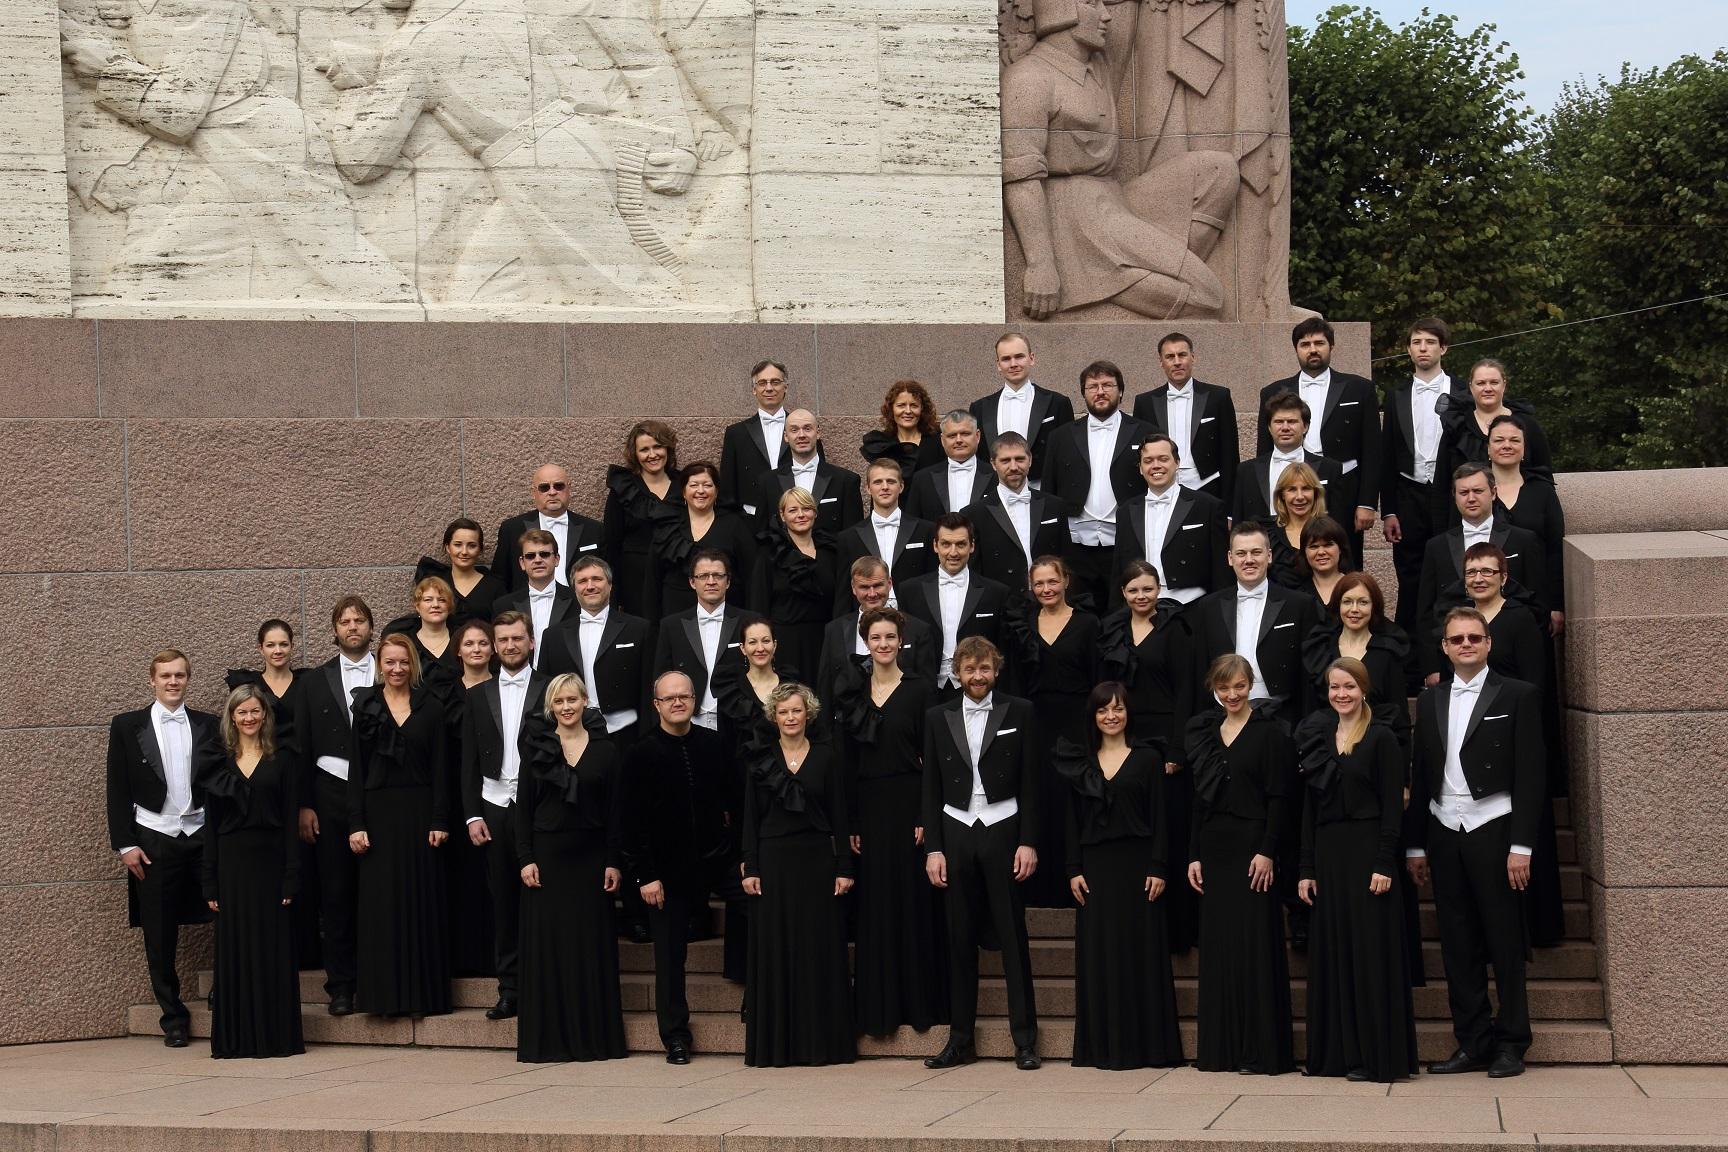 Латвийский государственный хор исполнит «Реквием» Верди